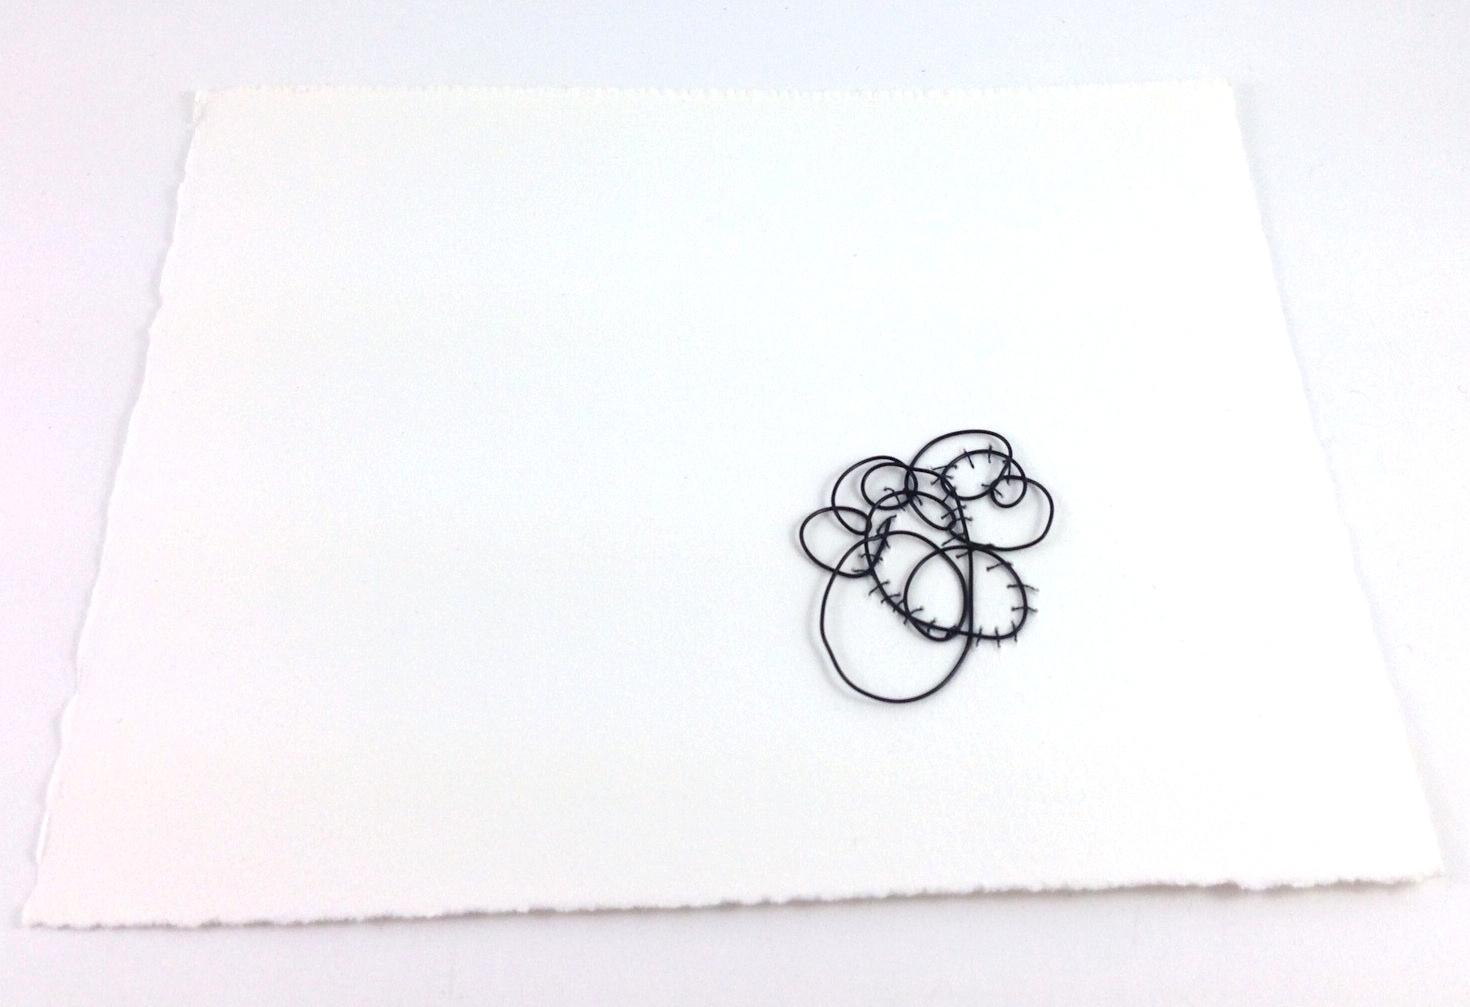 Stitched Wire Tornado Sketch.jpg